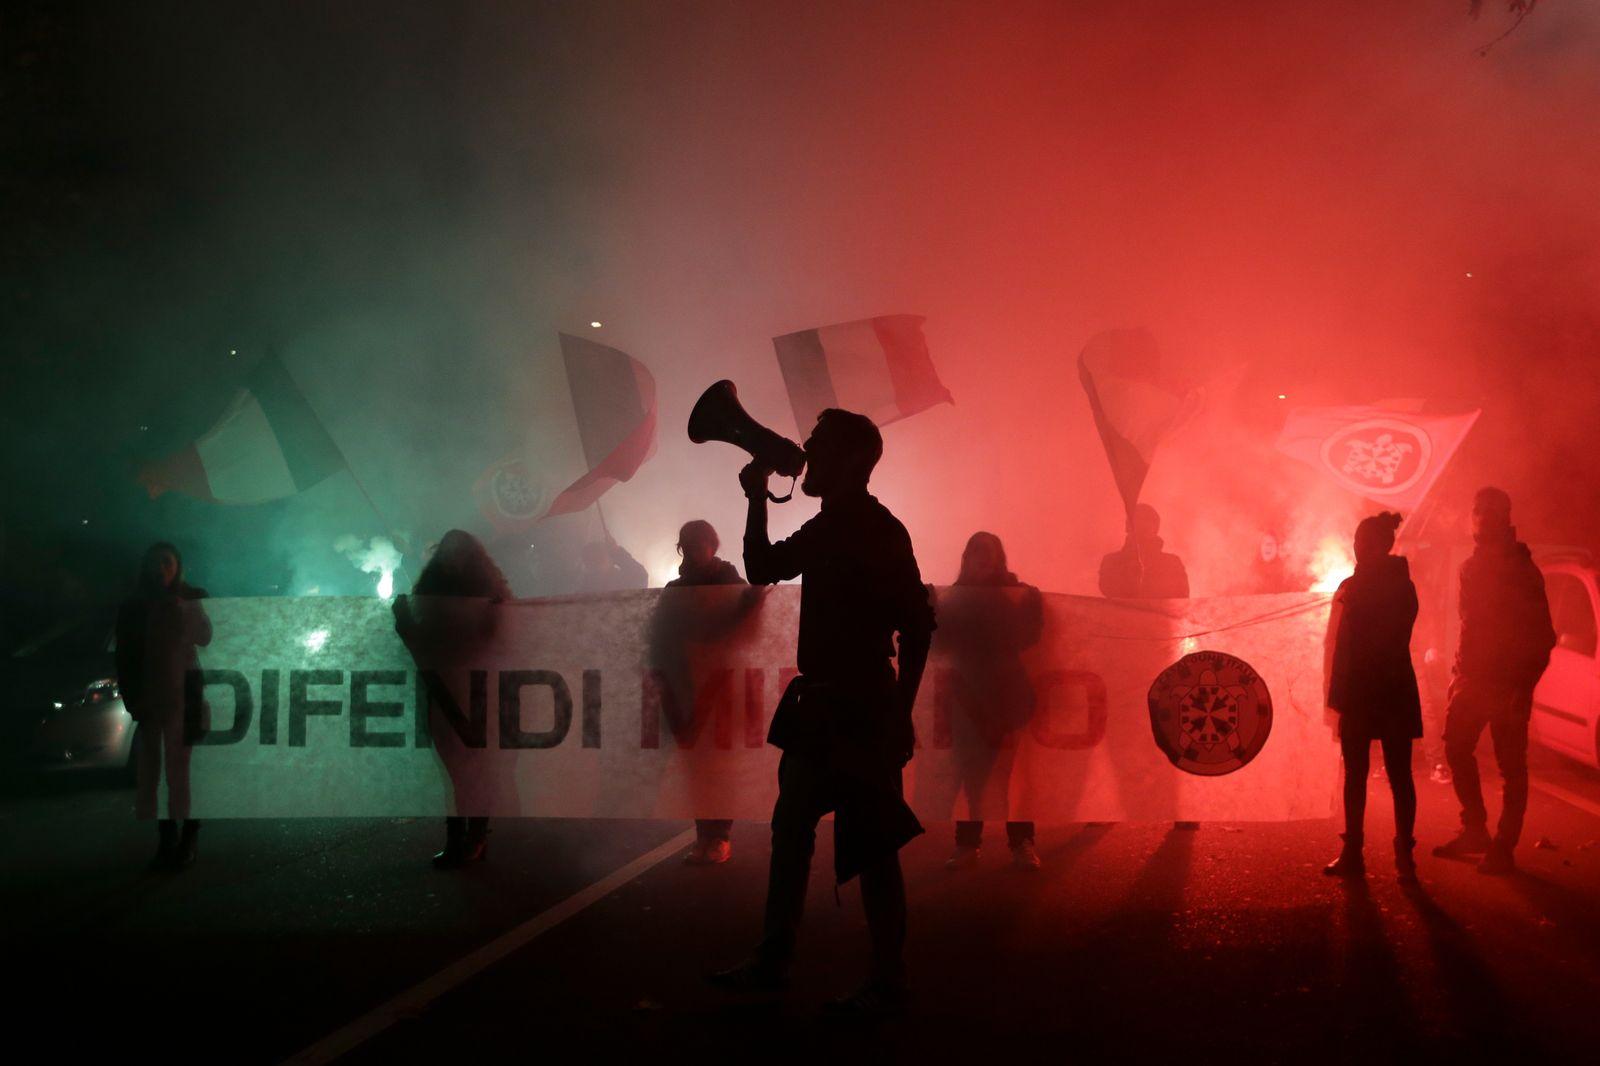 Italy NeoFascists